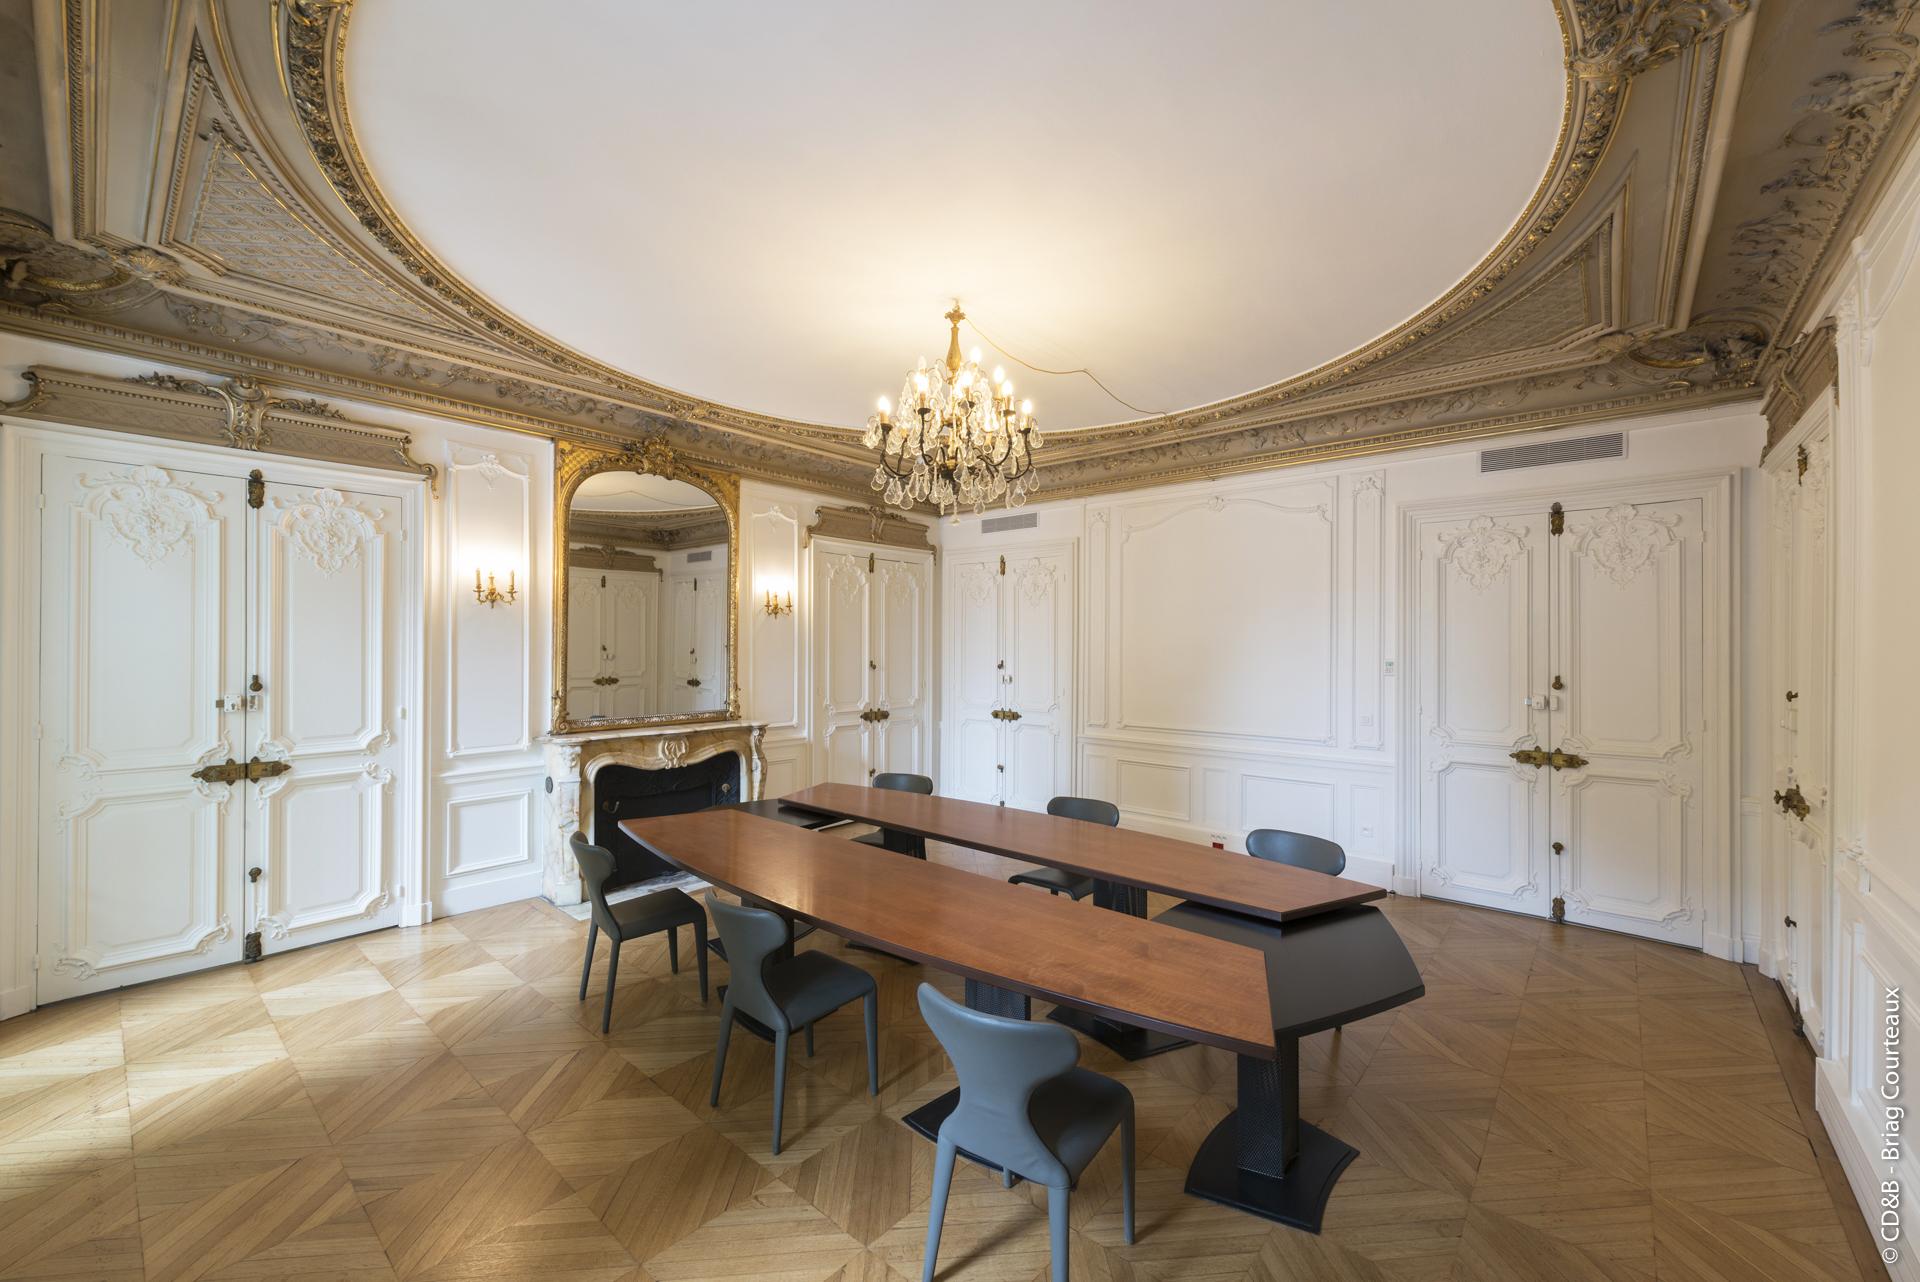 Conseil, aménagement, conception et réalisation des espaces de la société Repco par CDB, Meet you there.